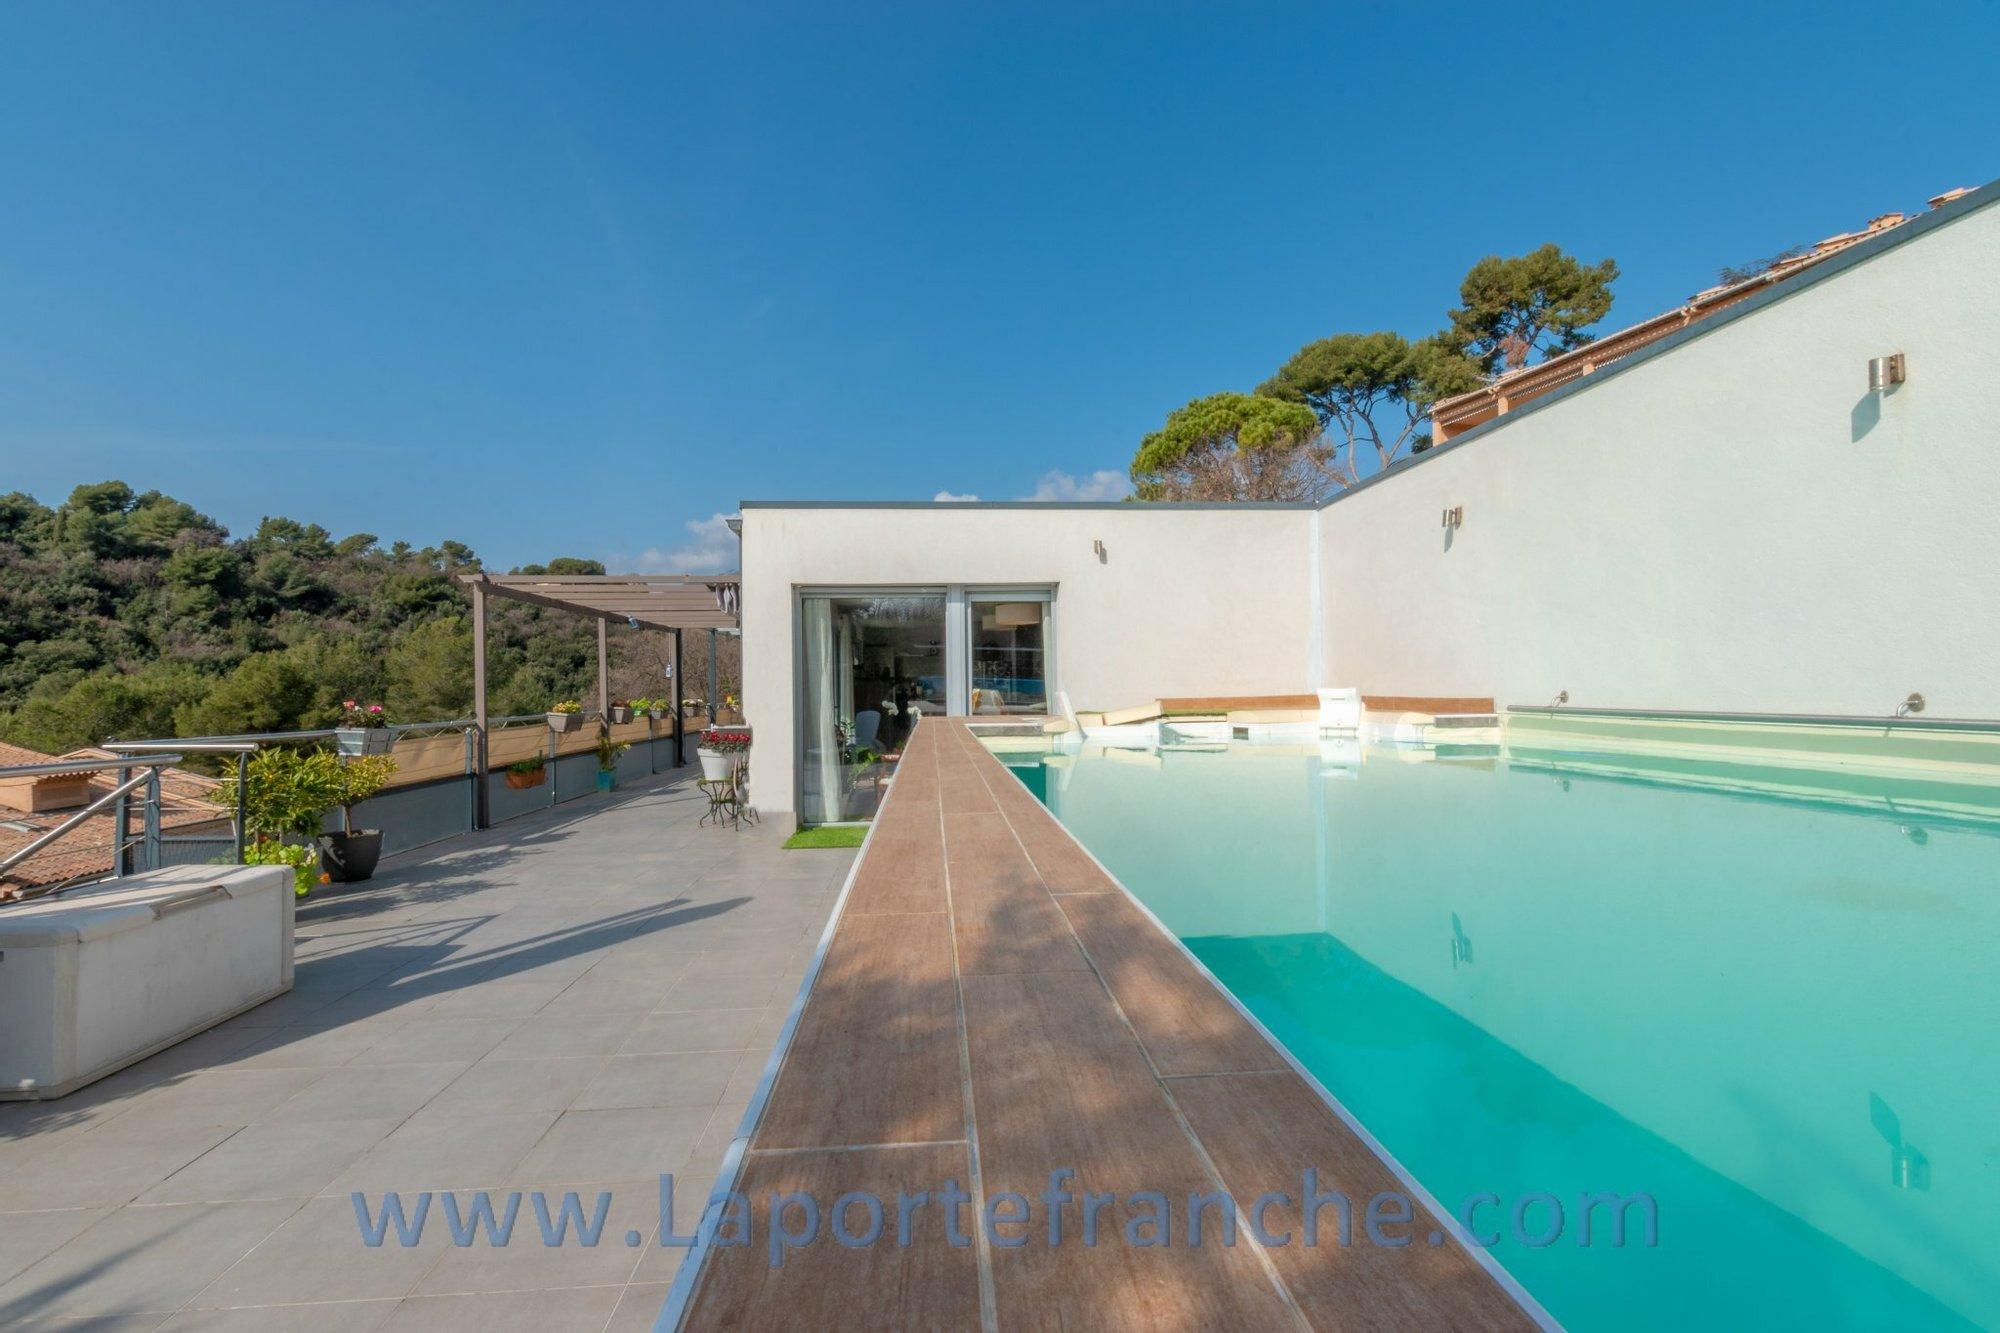 Apartment in Tourrettes-sur-Loup, Provence-Alpes-Côte d'Azur, France 1